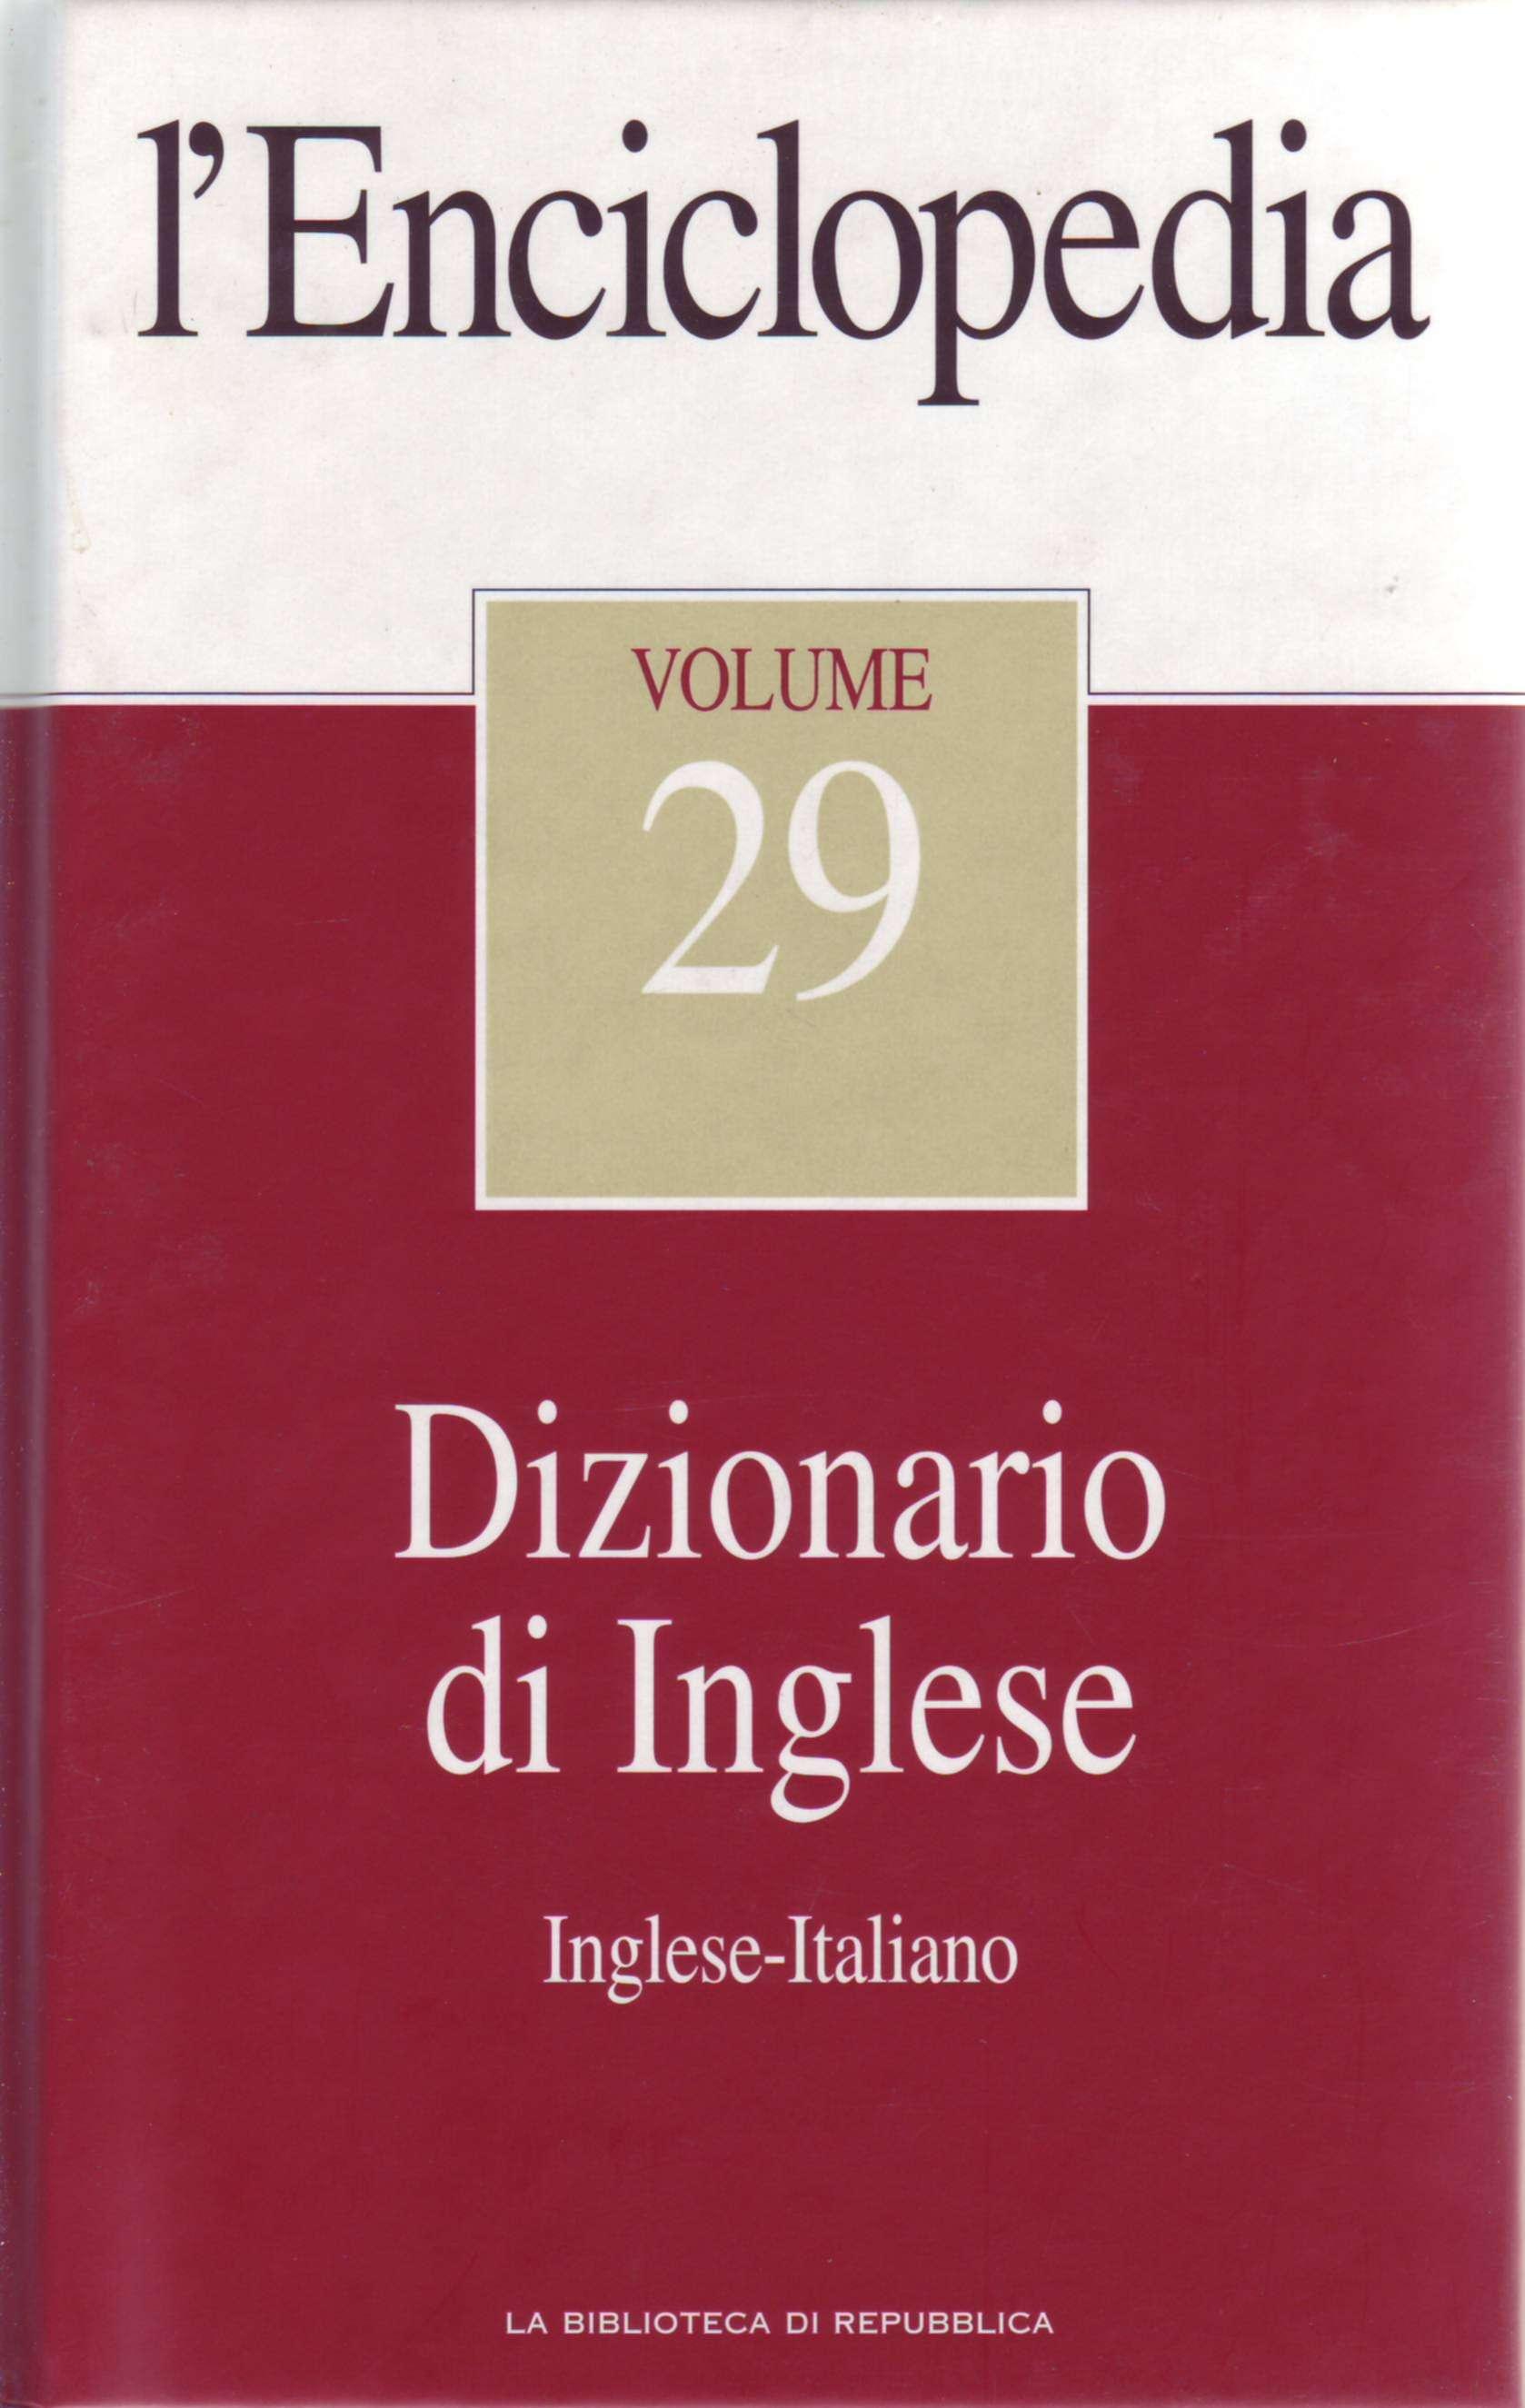 L'Enciclopedia - Vol. 29 - Dizionario di Inglese 1